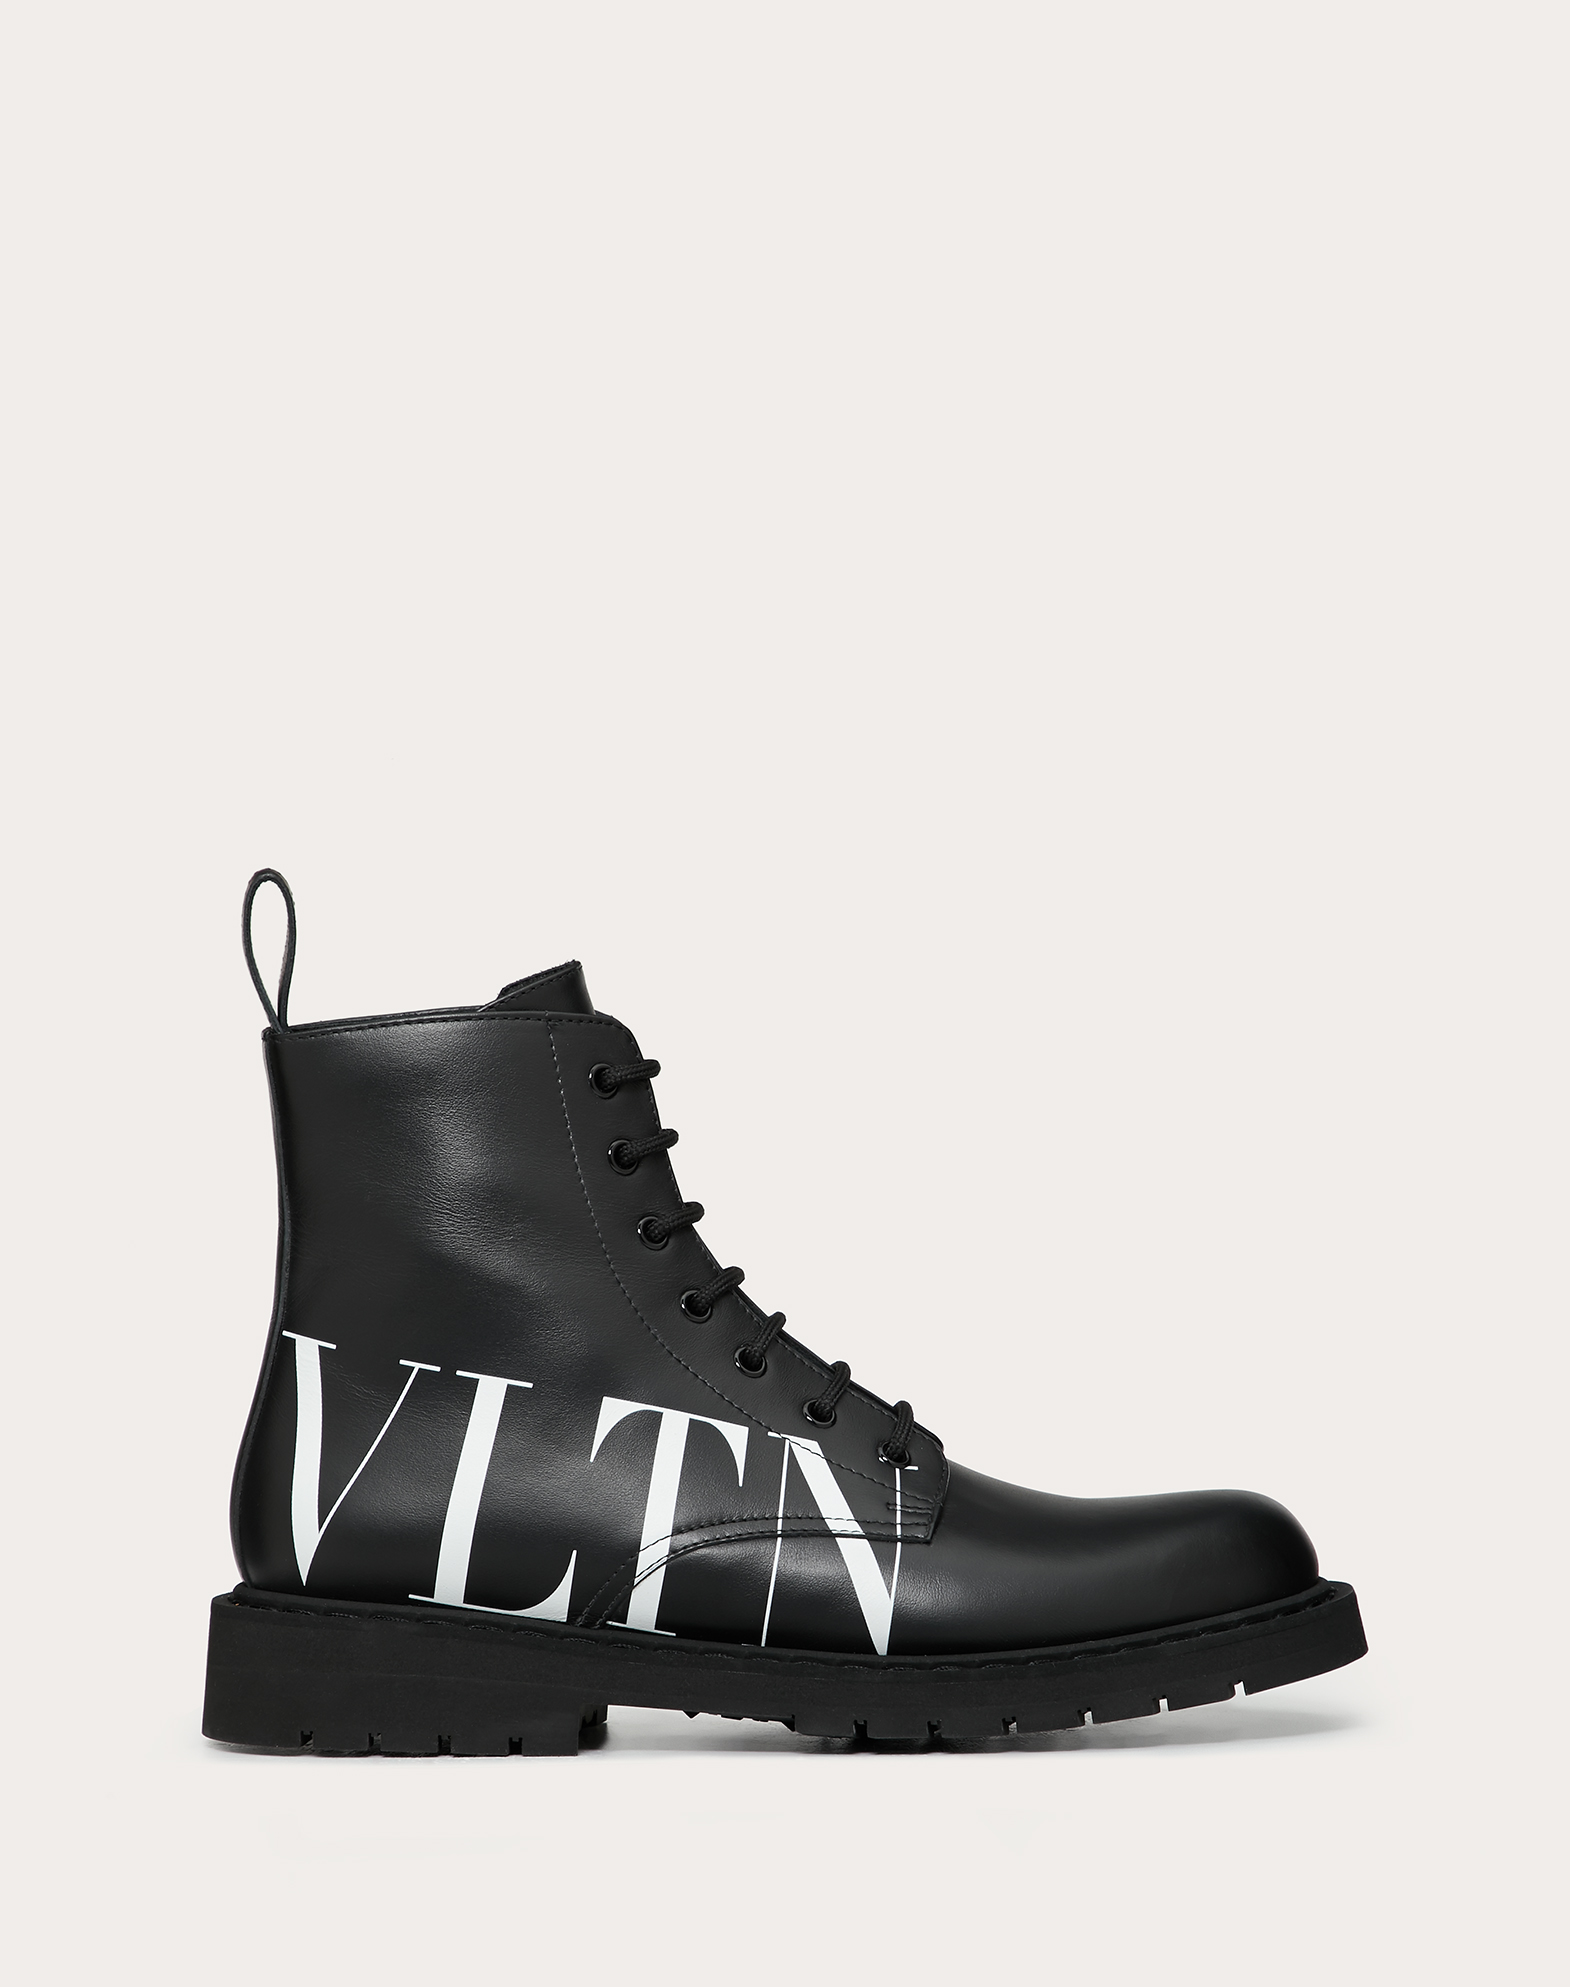 Ботинки VLTN из телячьей кожи